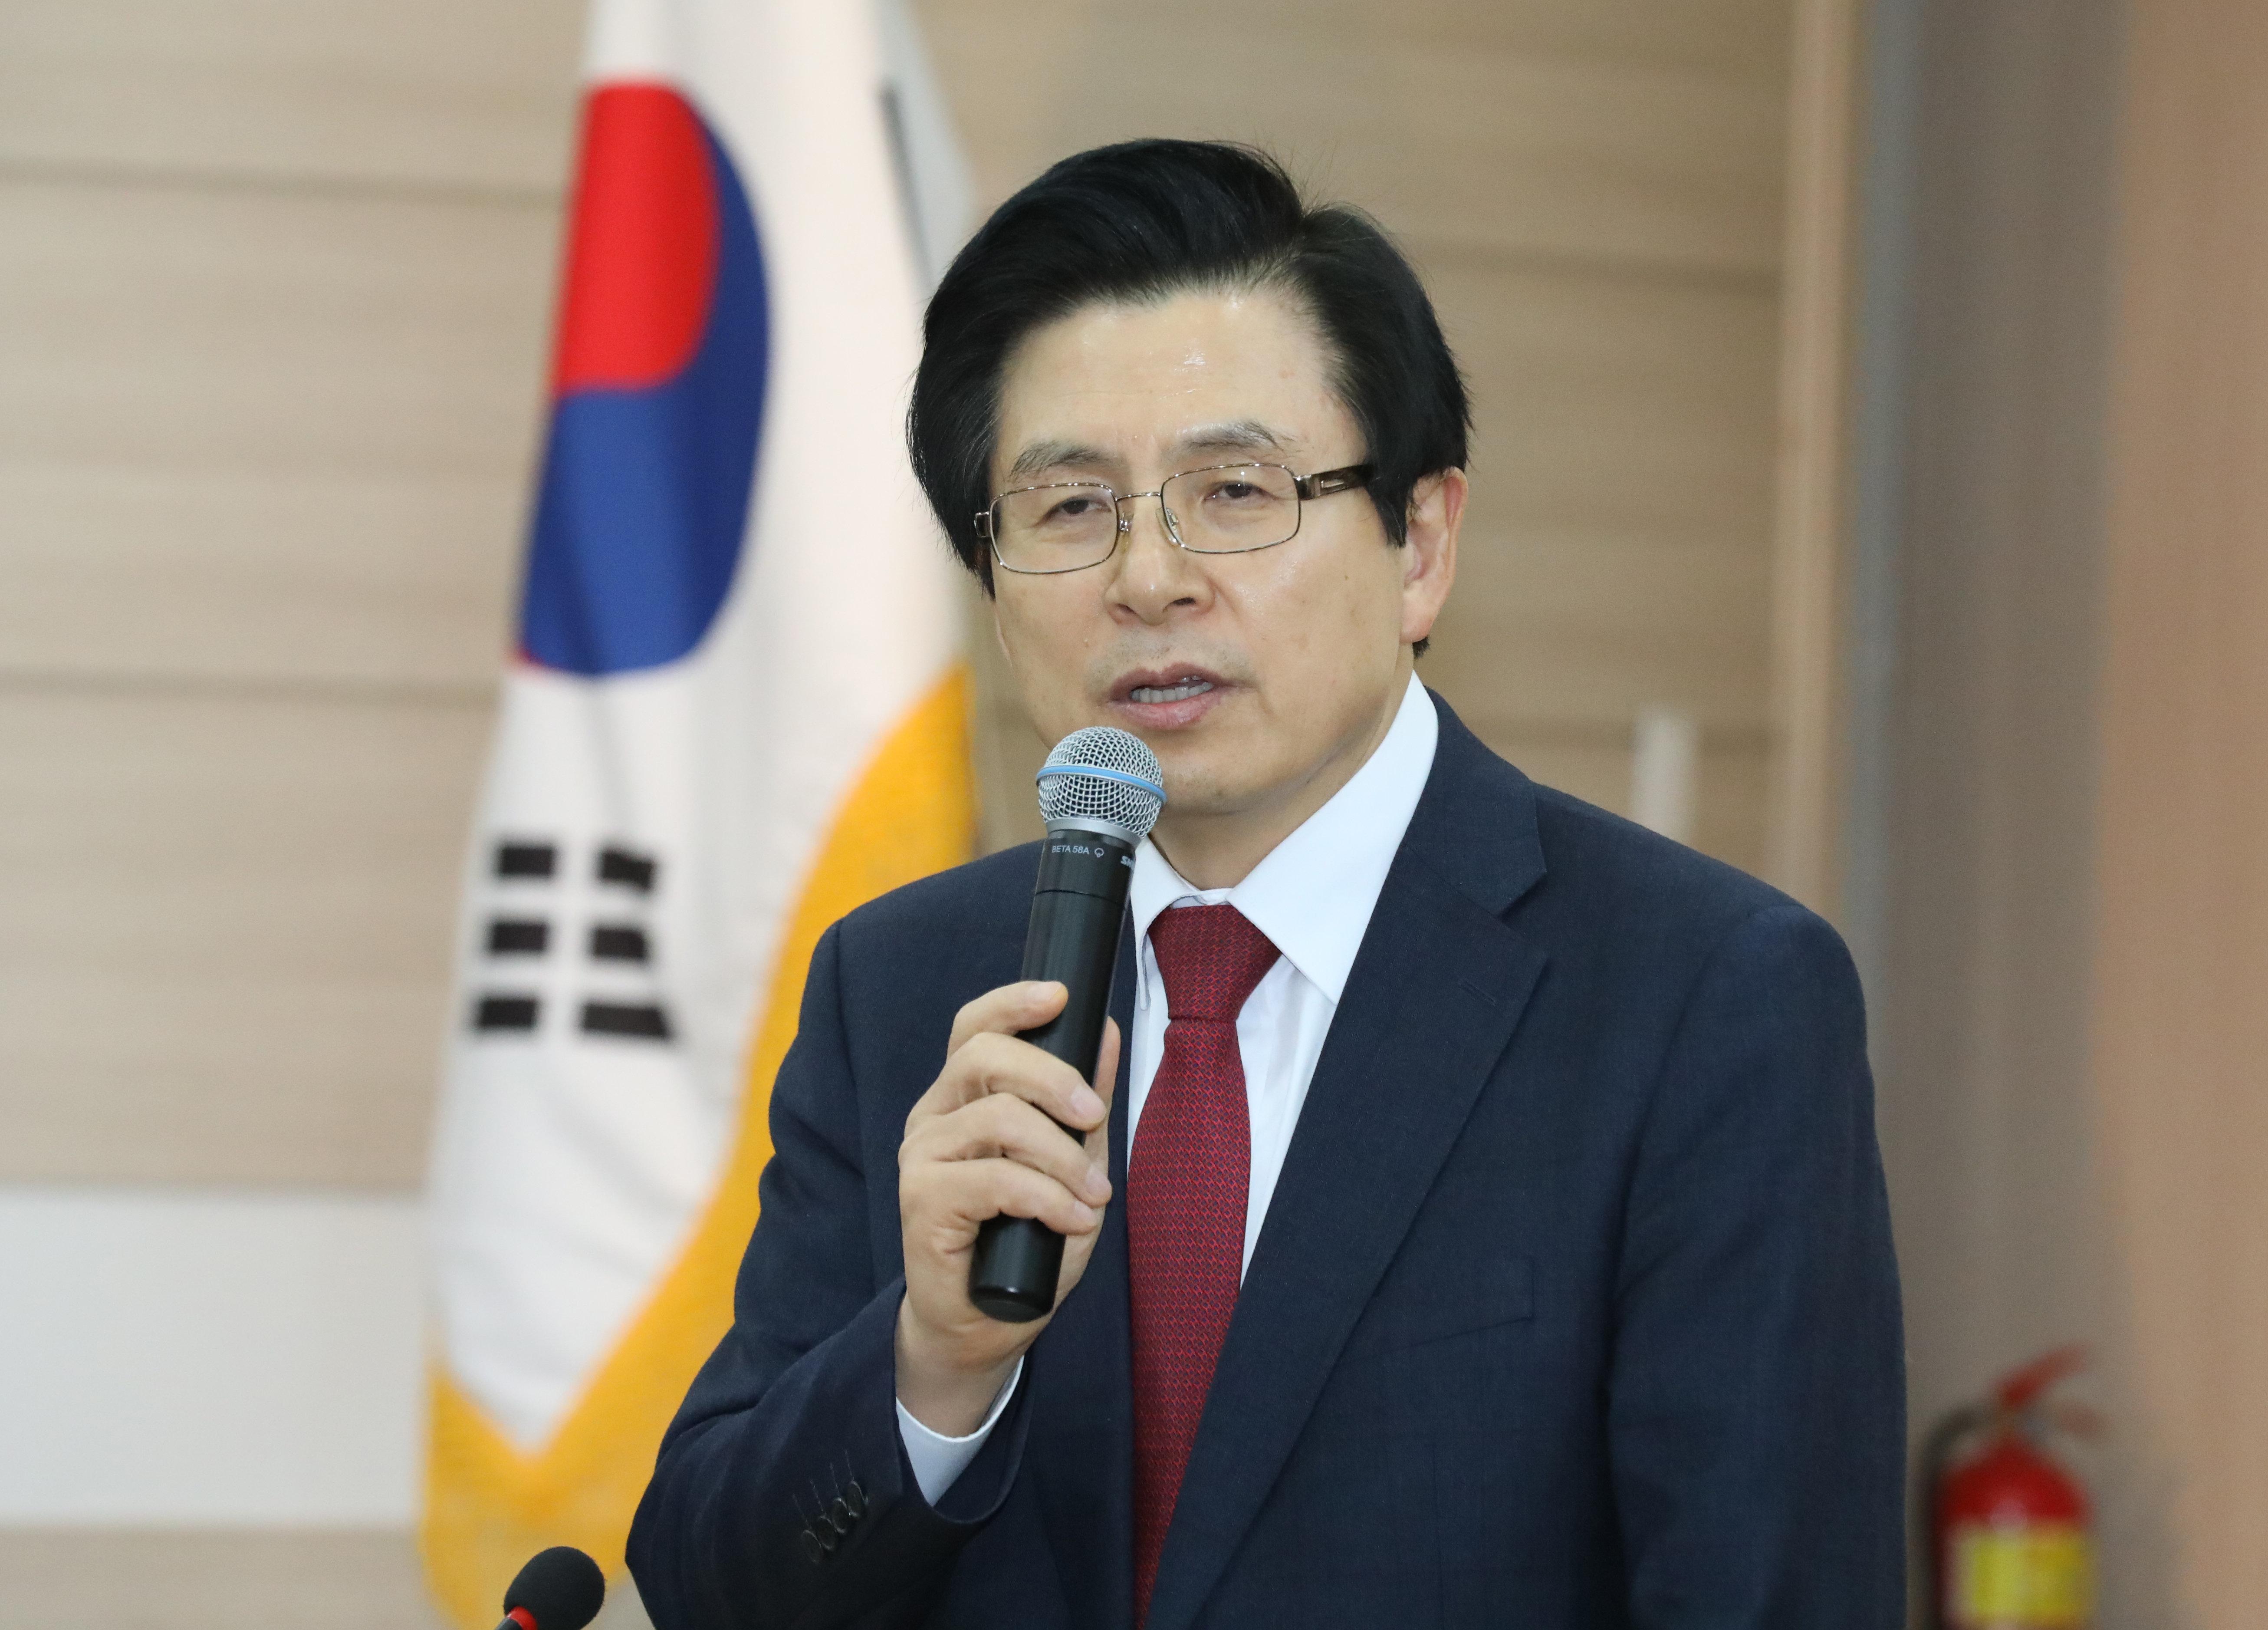 황교안 전 총리의 자유한국당 전대 출마가 어려워질지